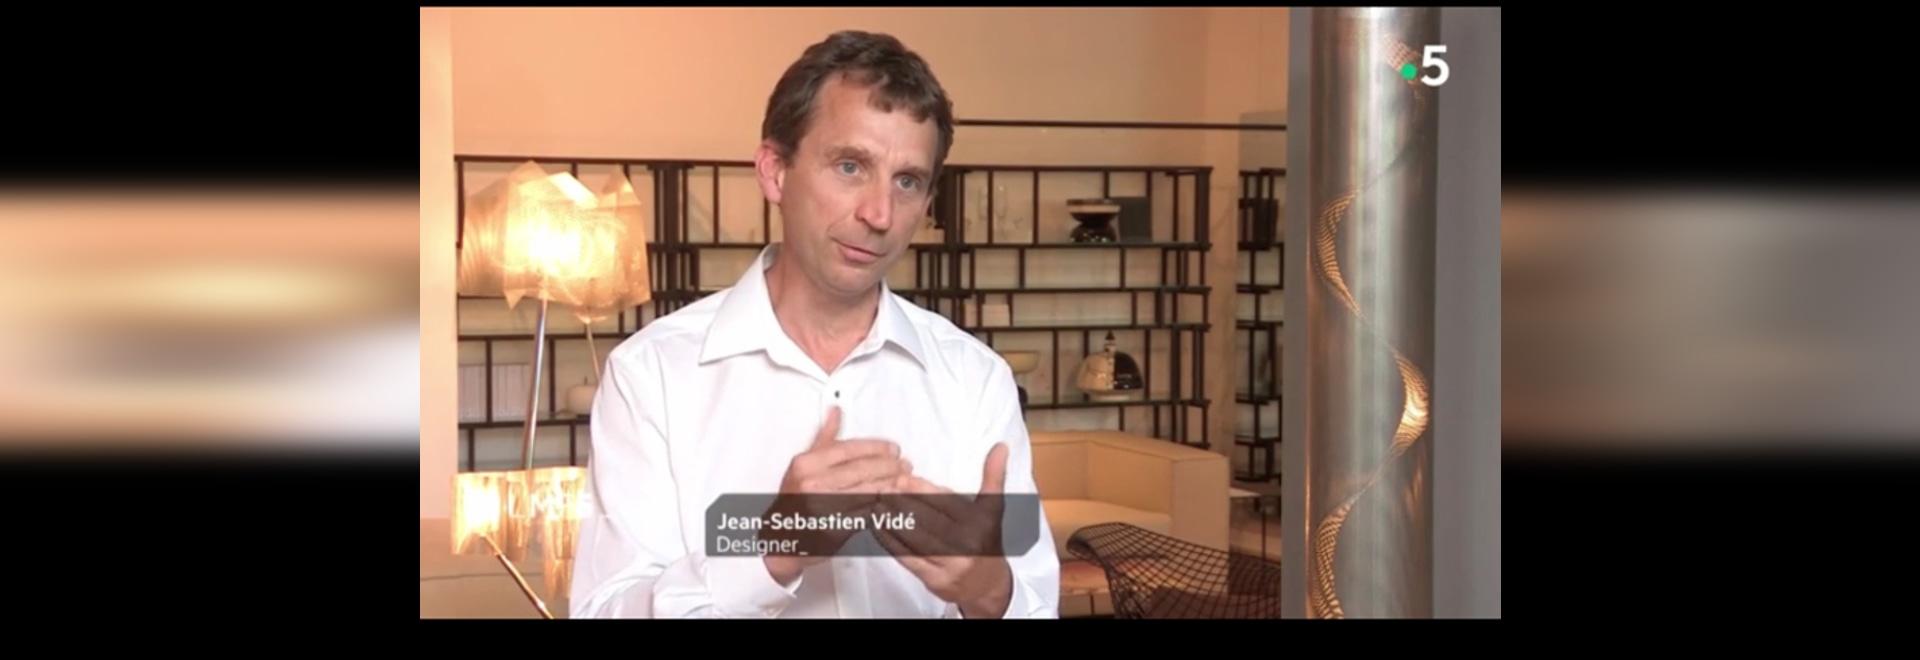 """Thierry Vidé and """"La maison France 5"""""""